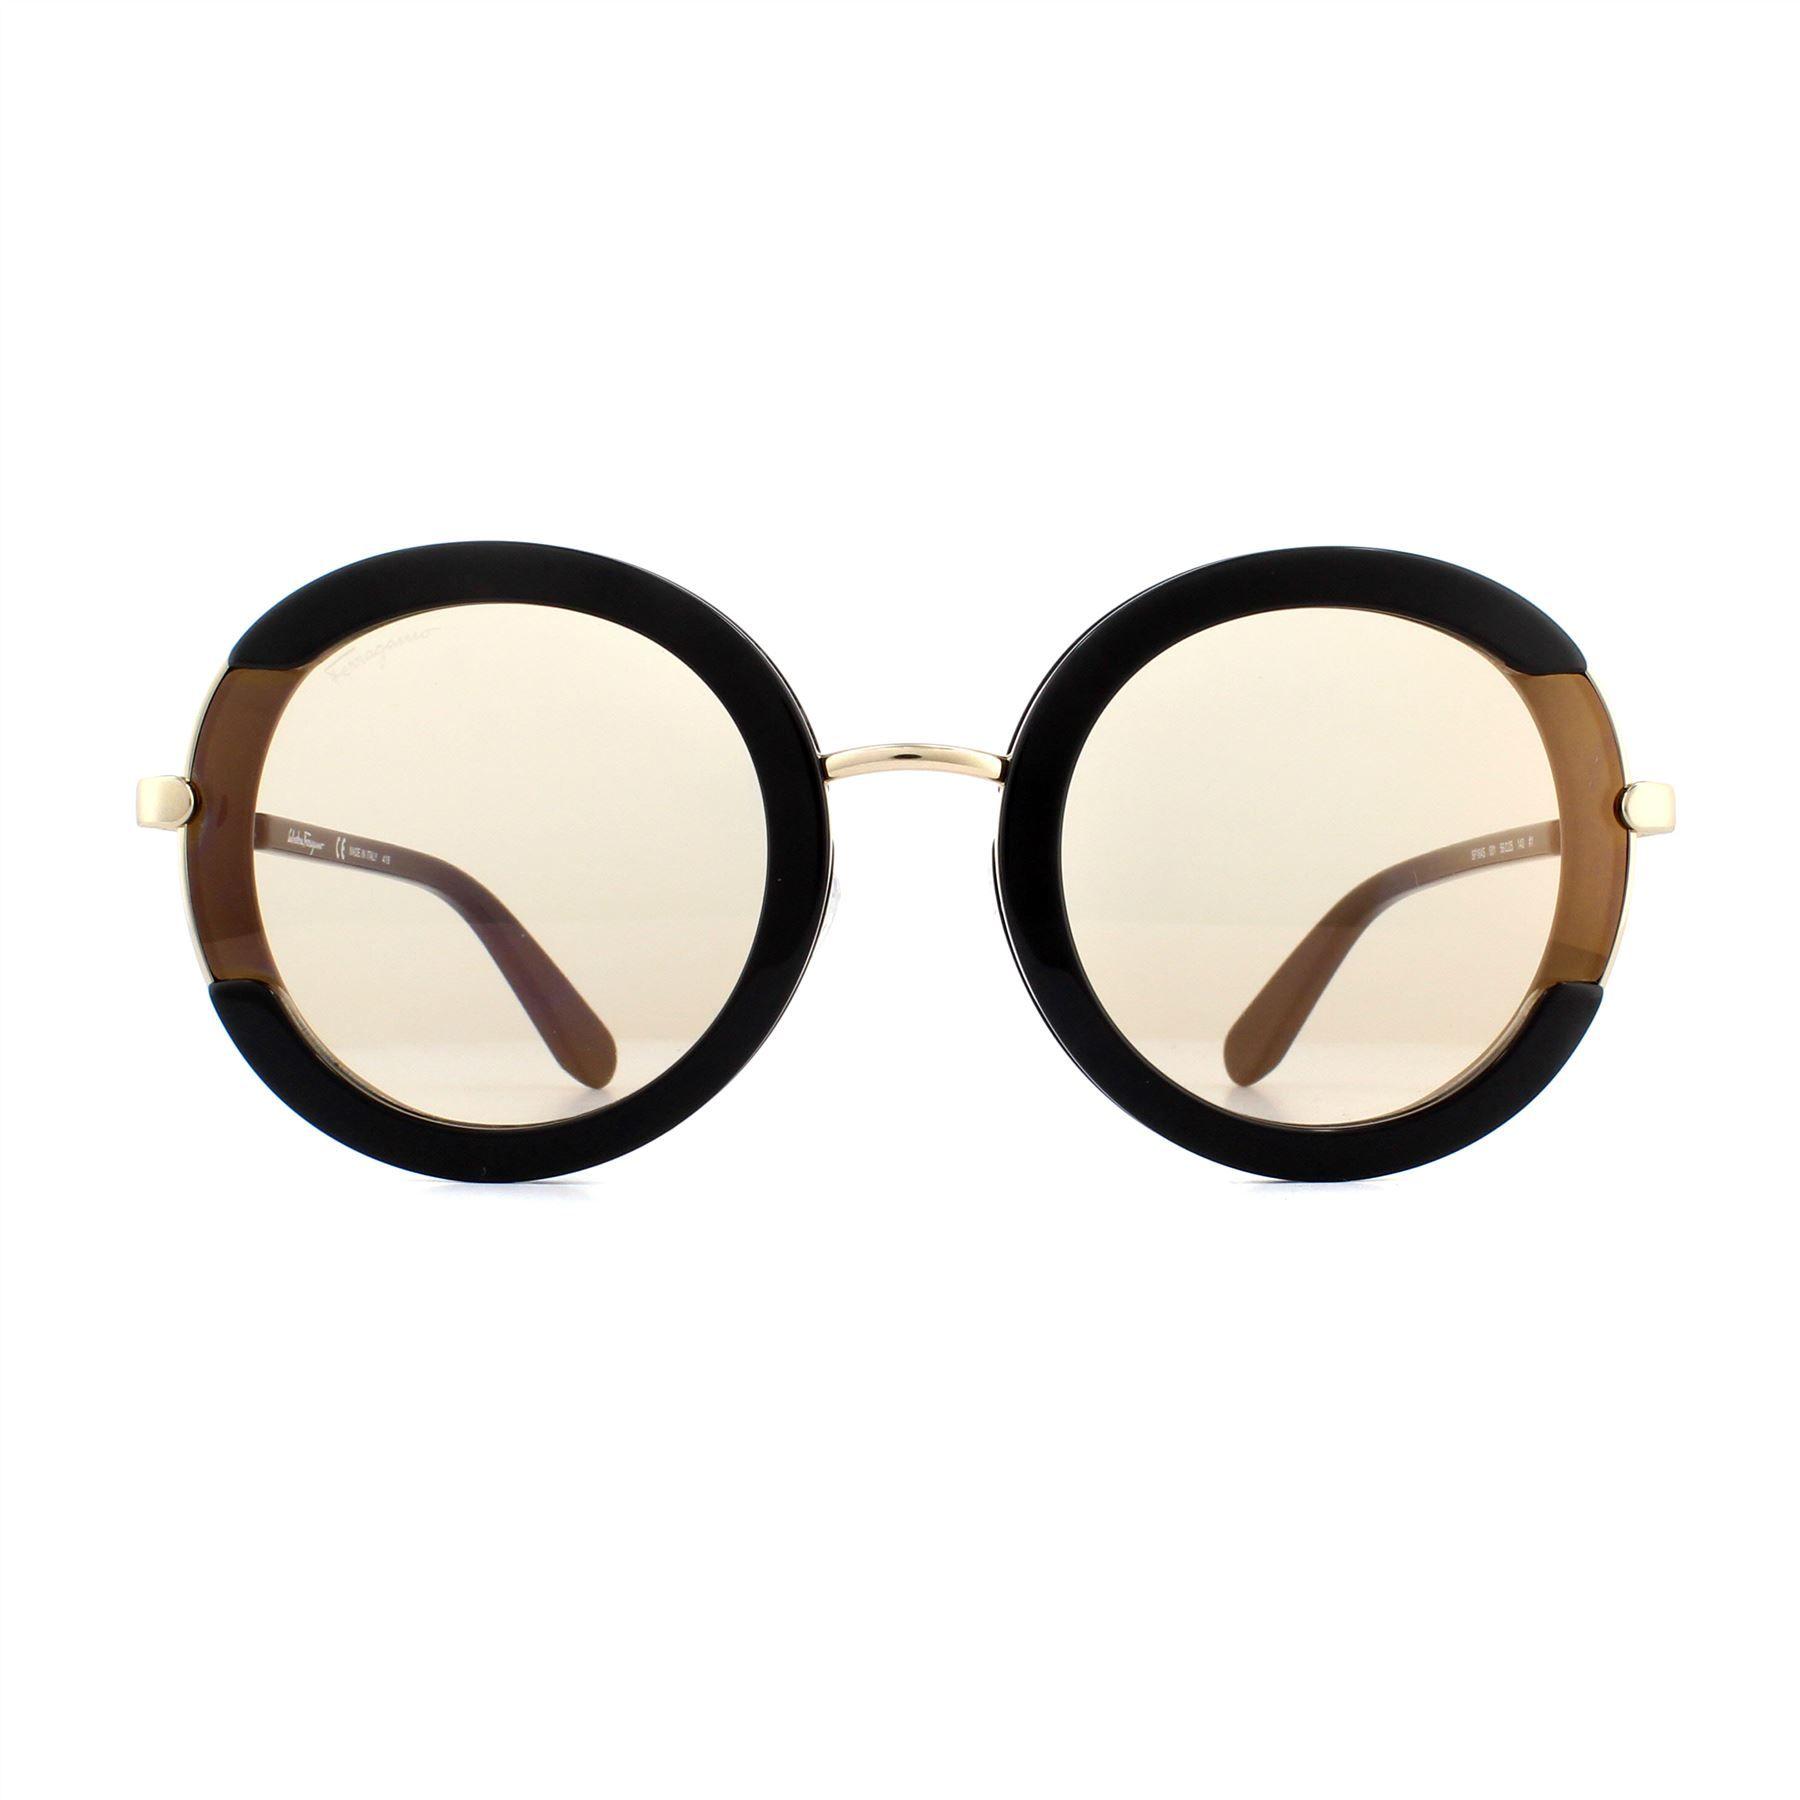 Salvatore Ferragamo Sunglasses SF164S 001 Black Flash Gold